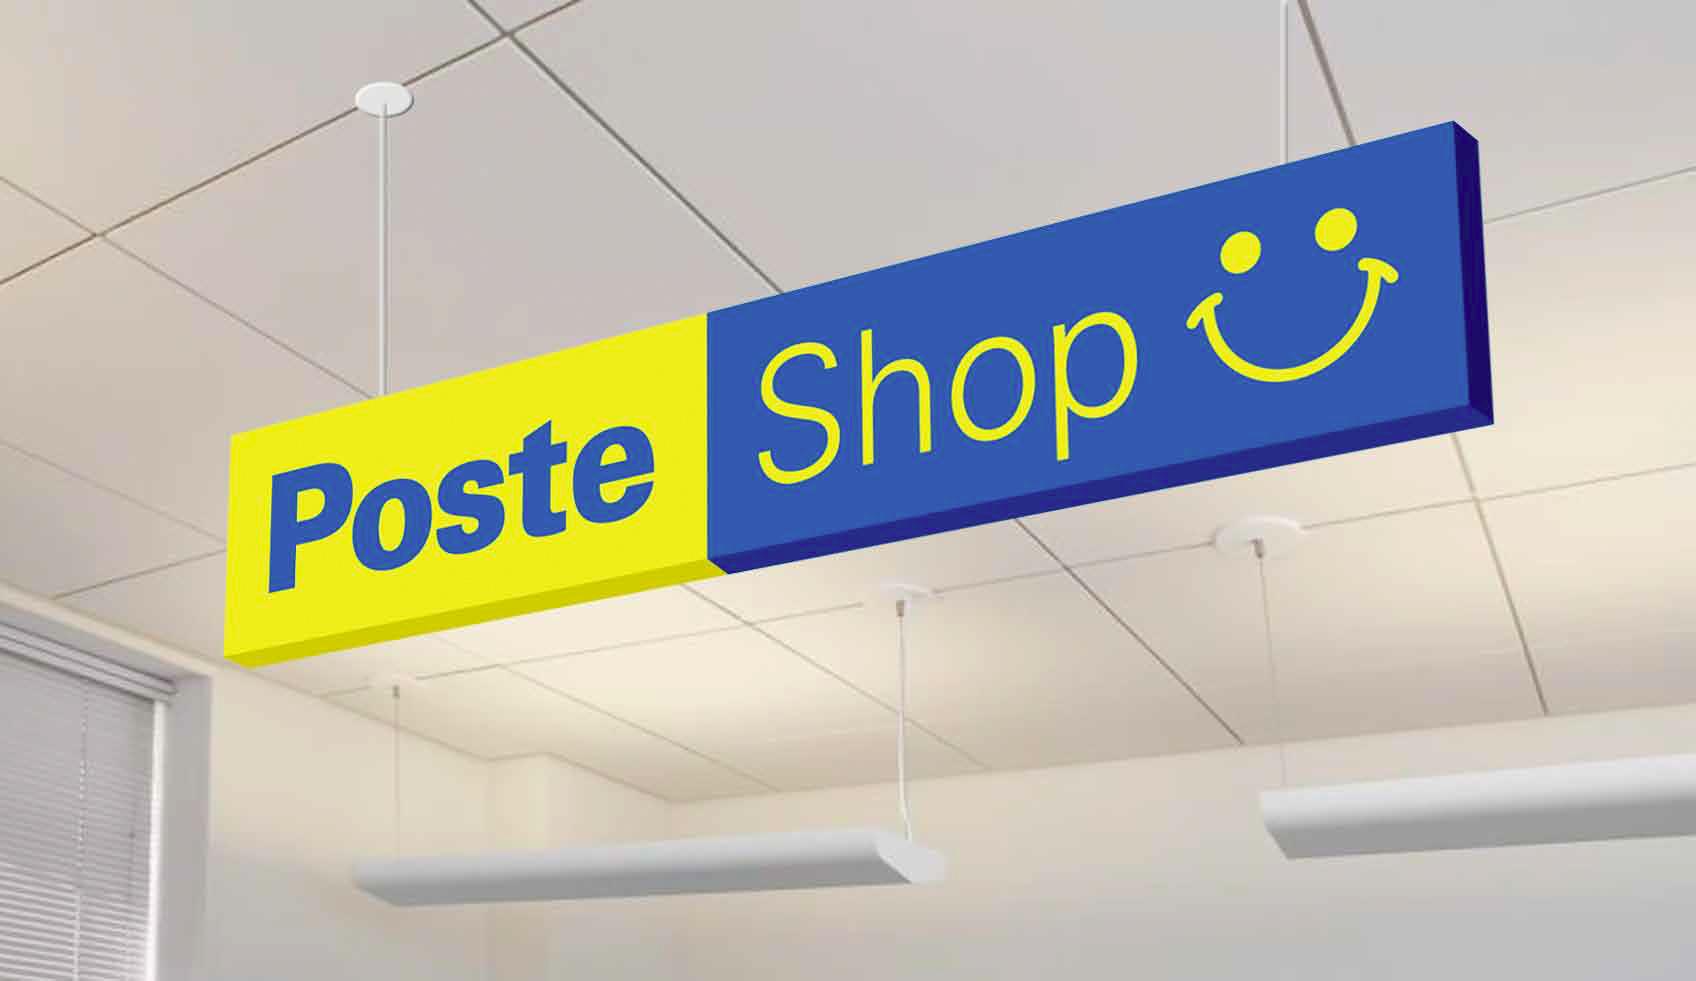 Poste-Shop